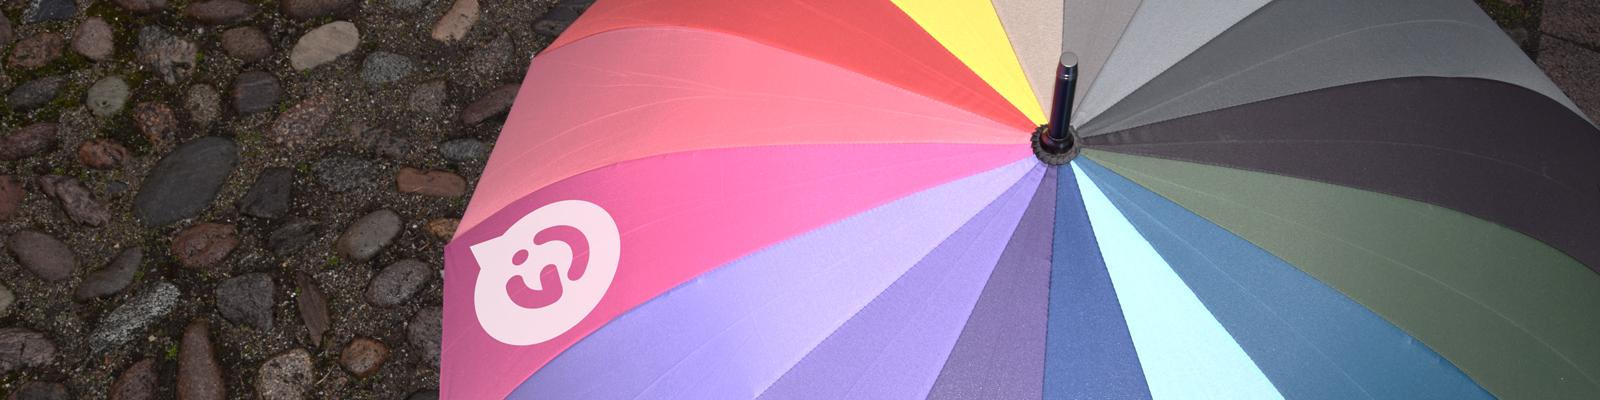 Goodies promotionnels - Parapluies - Garment Printing